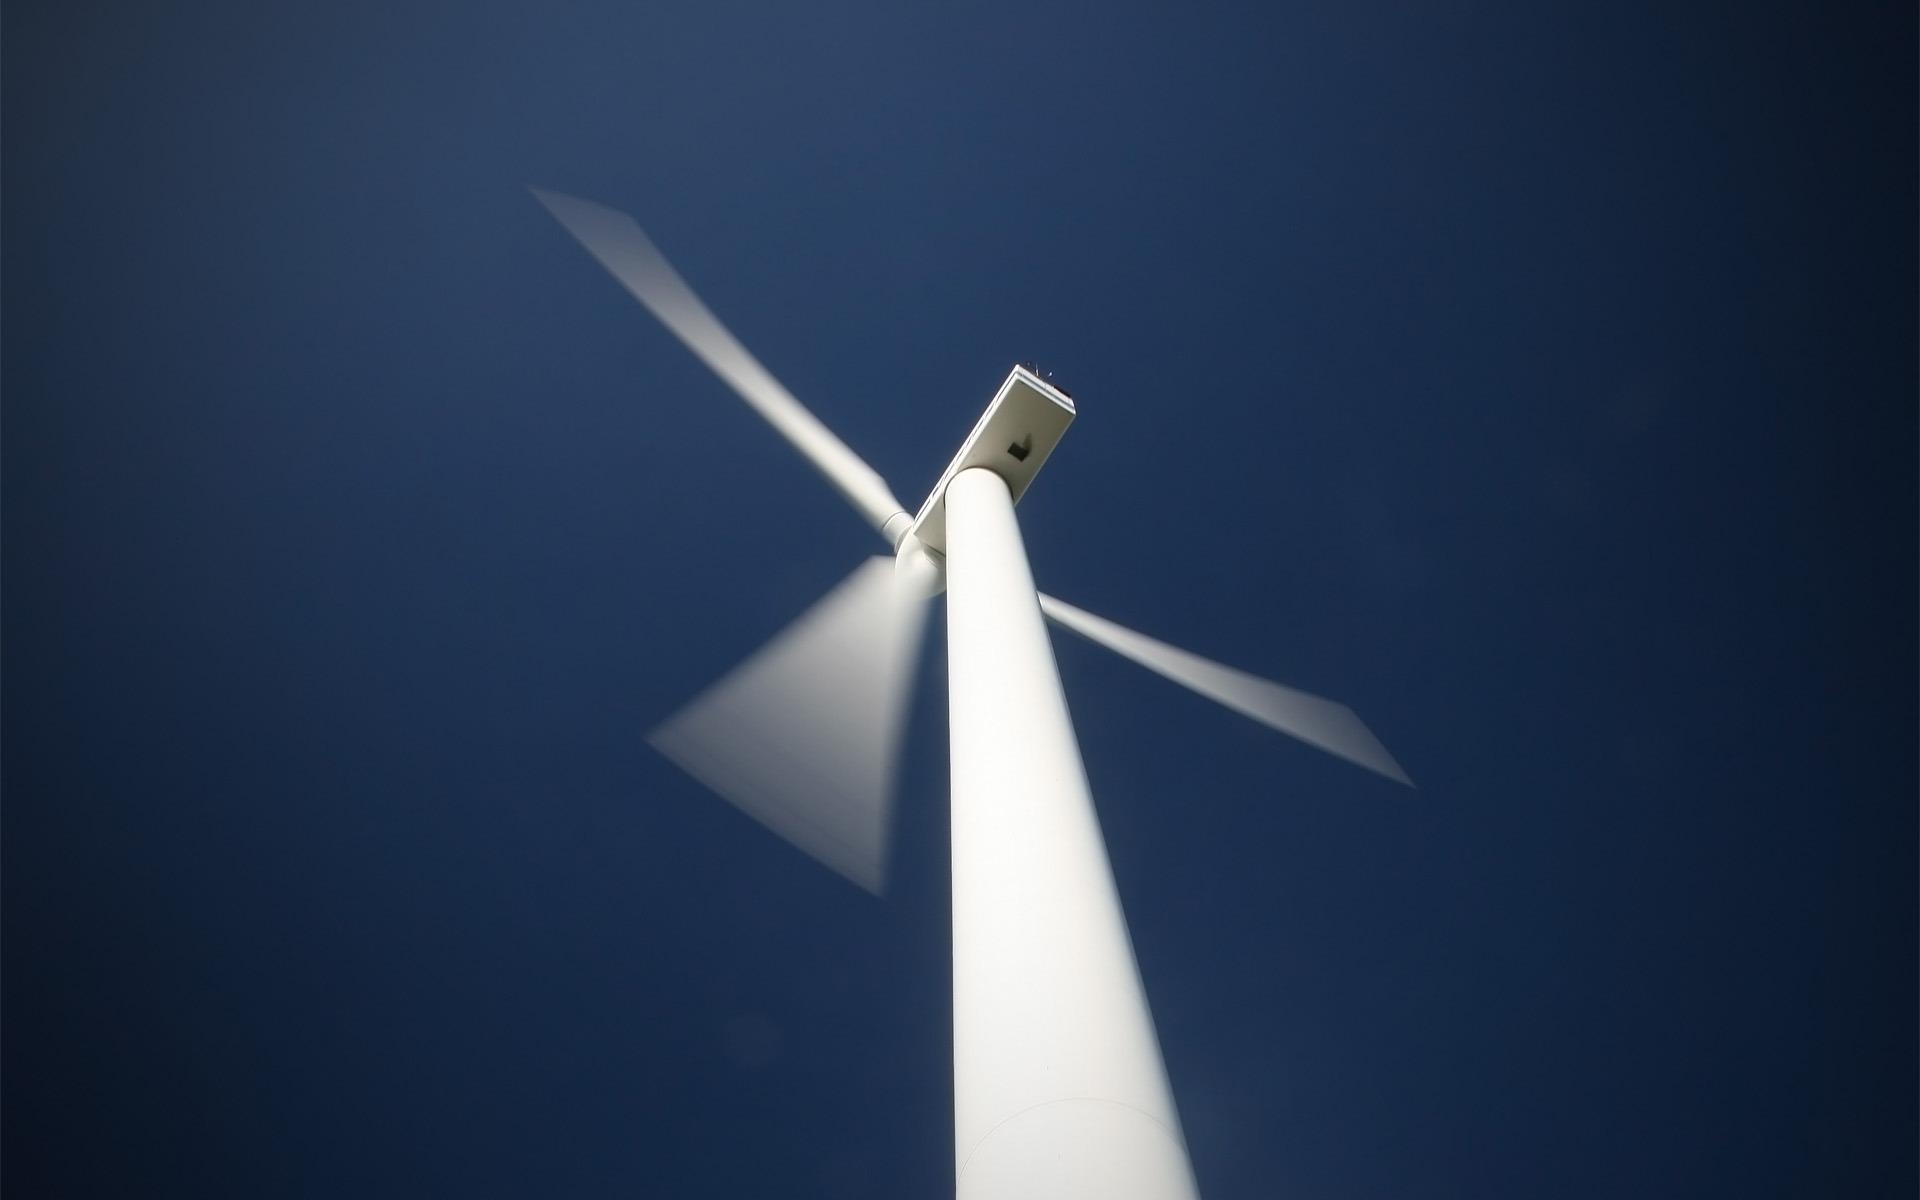 Pin Hd Windmill Wallpaper on Pinterest